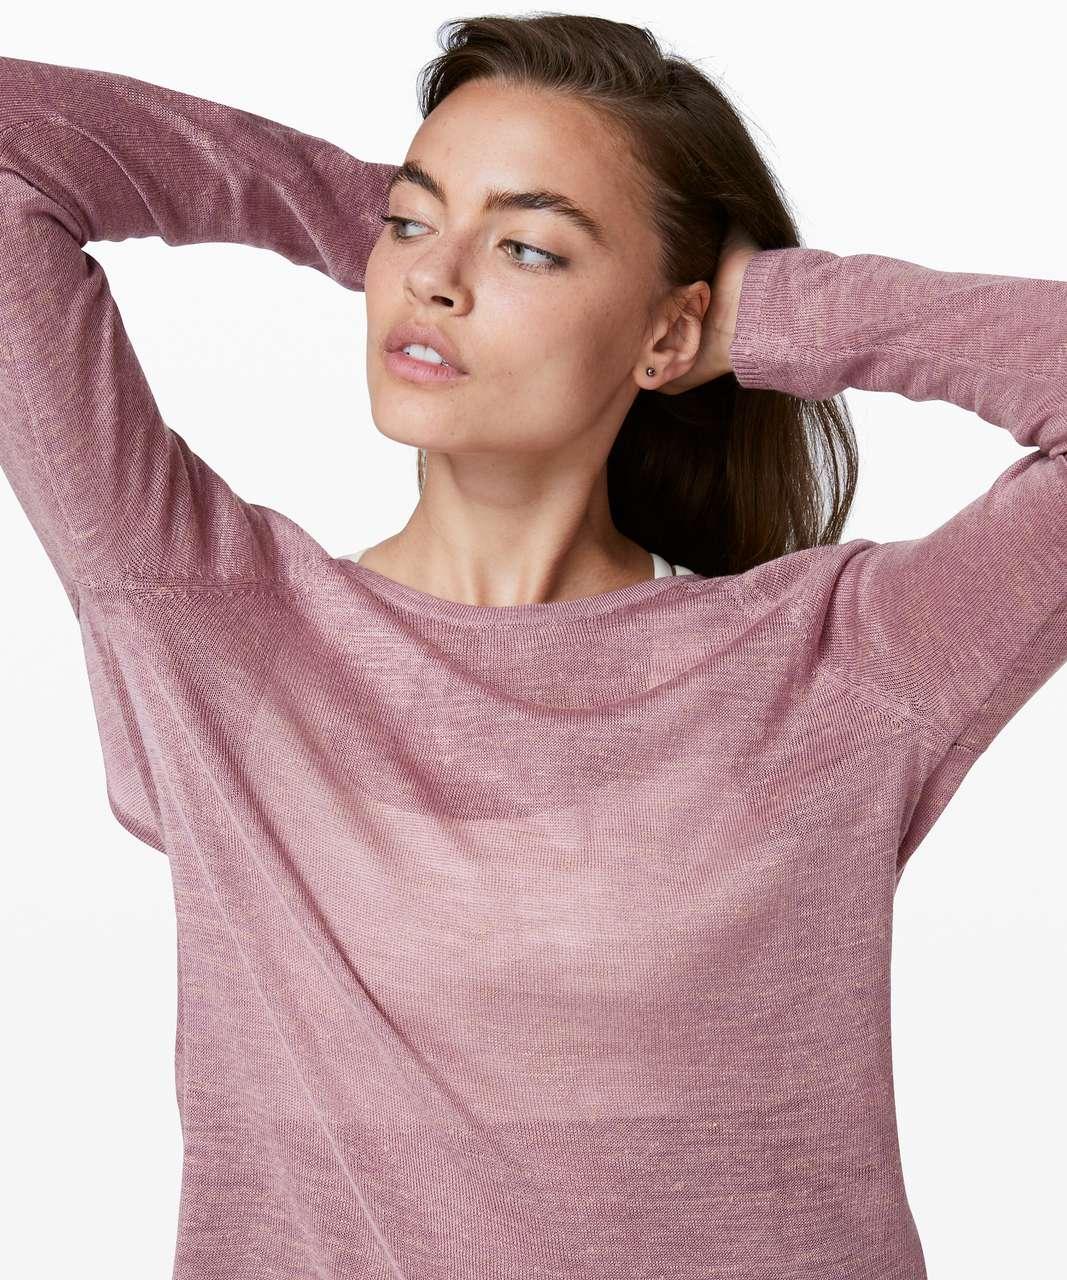 Lululemon Mix and Mingle Pullover - Heathered Vintage Mauve